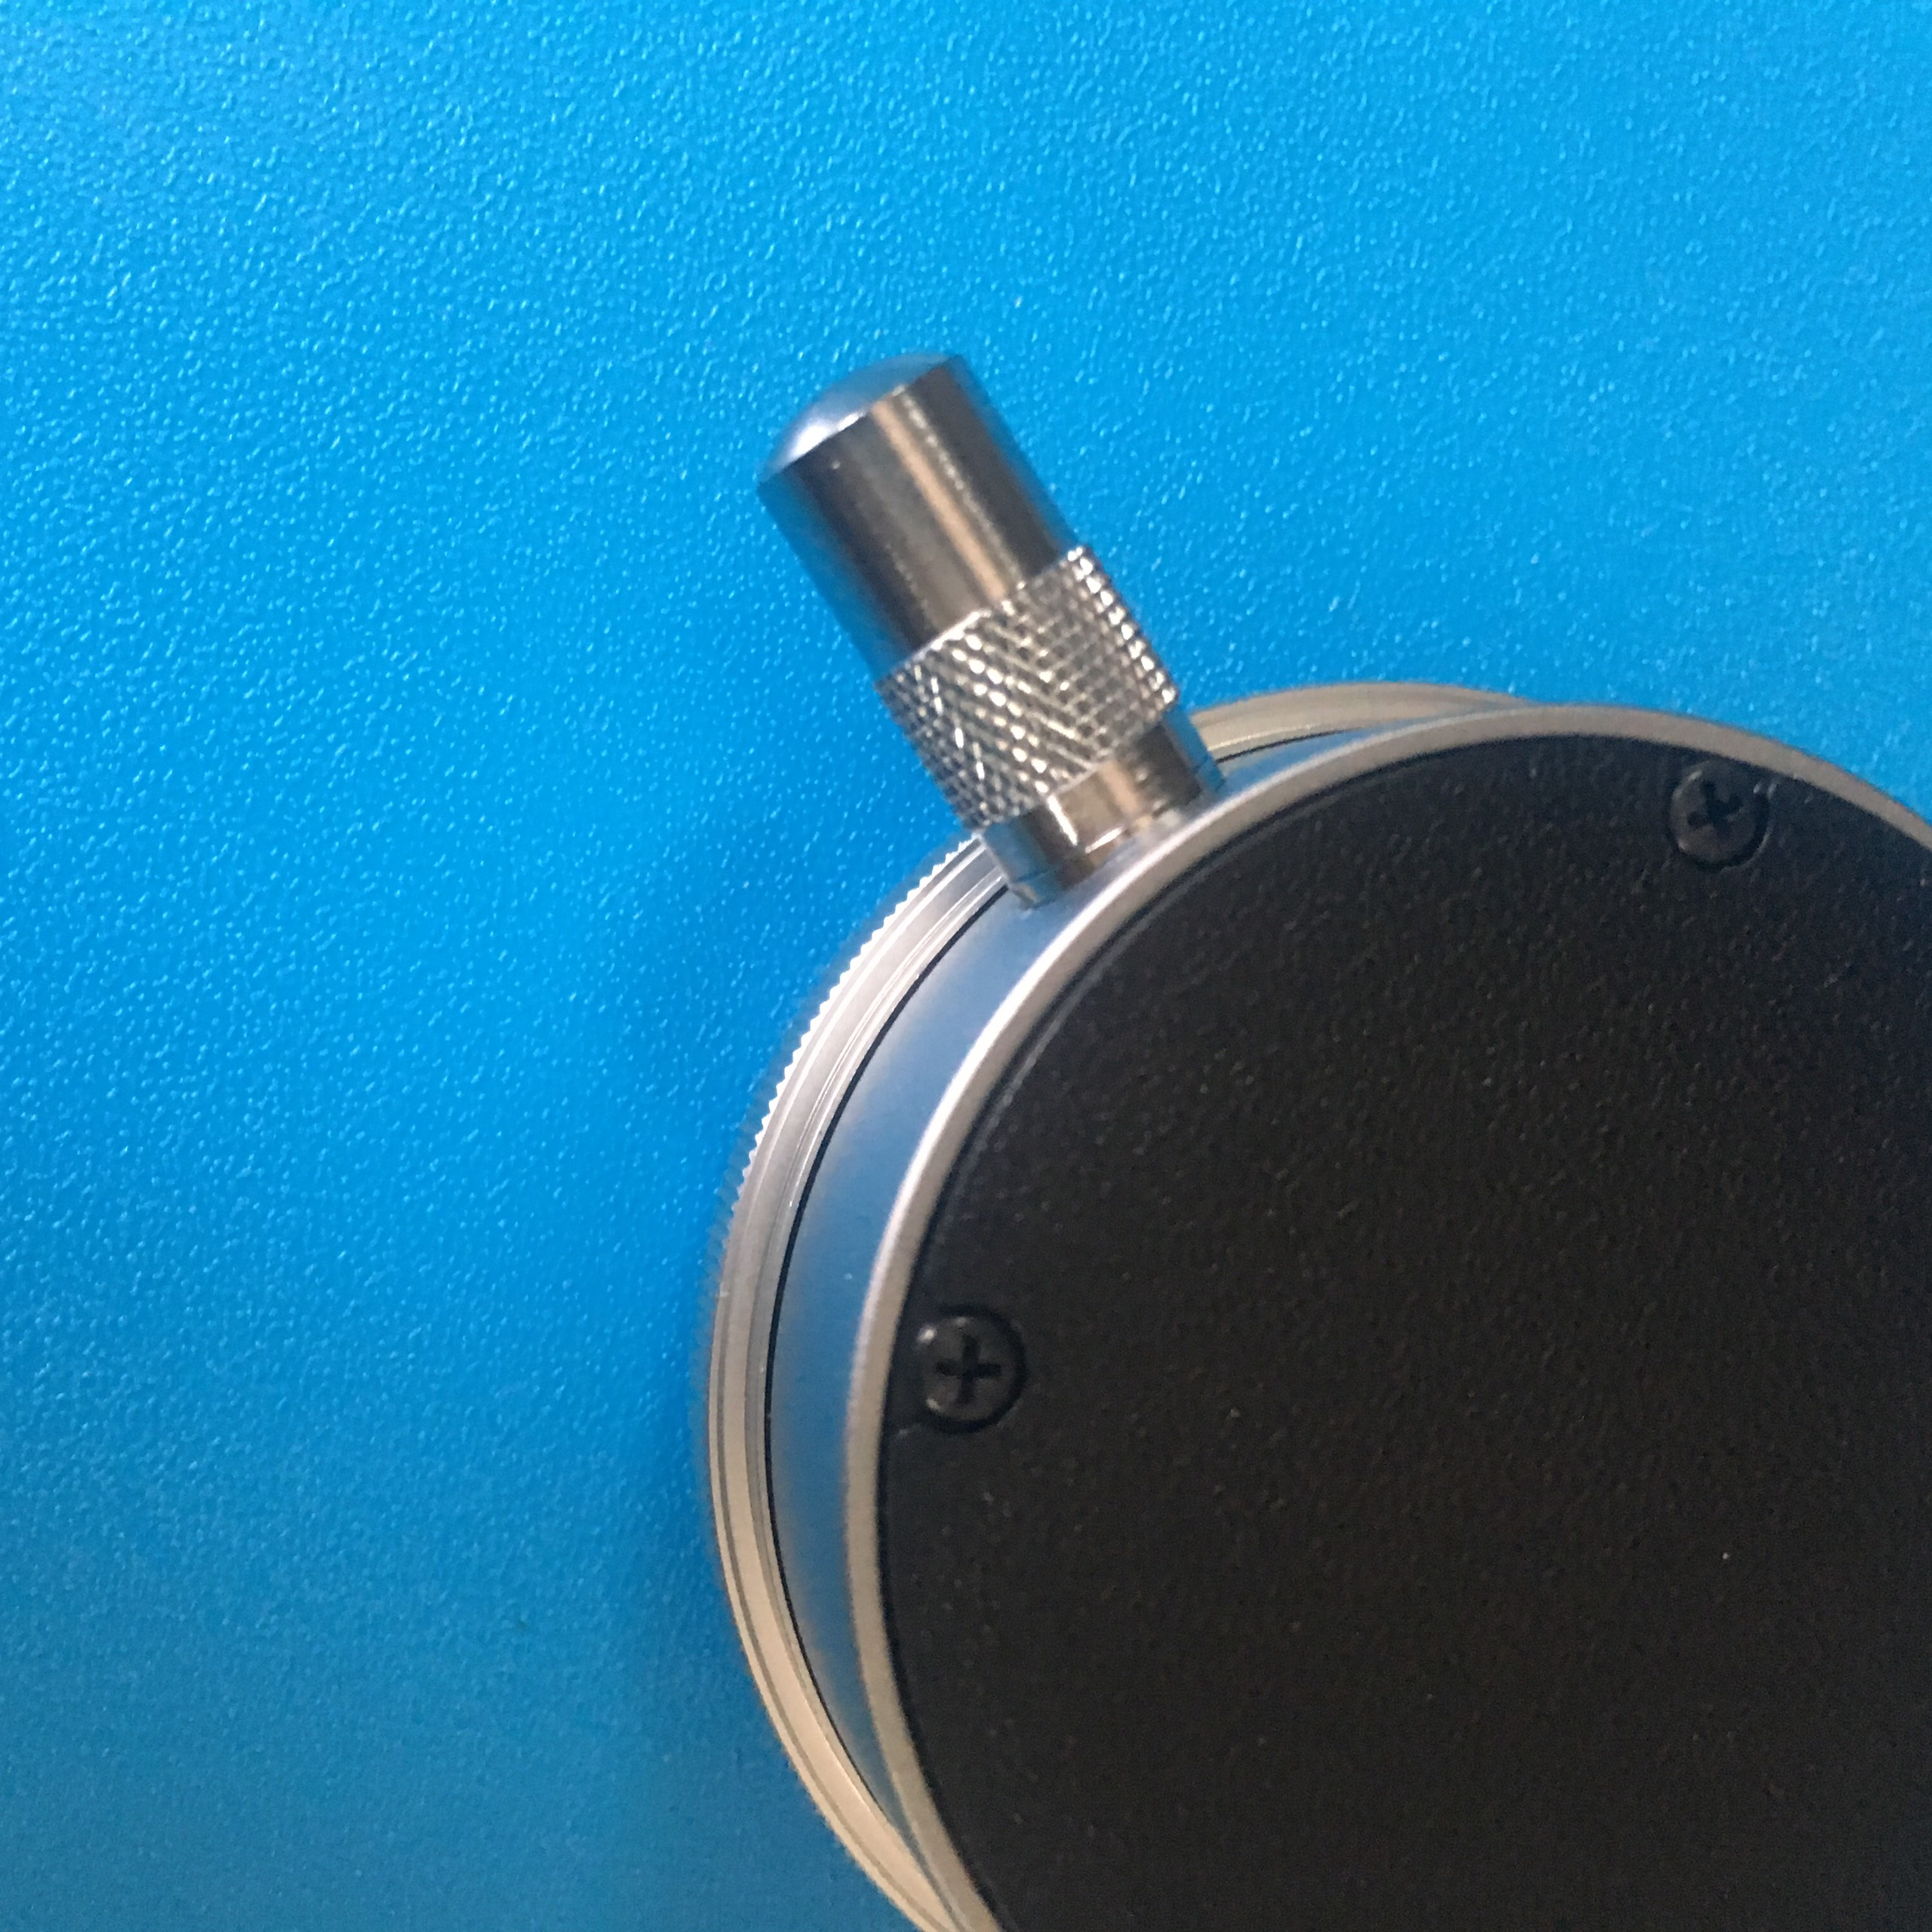 Đồng hồ so chân thẳng 1.0x0.001mm standard Dial Gauge 5F PEACOCK